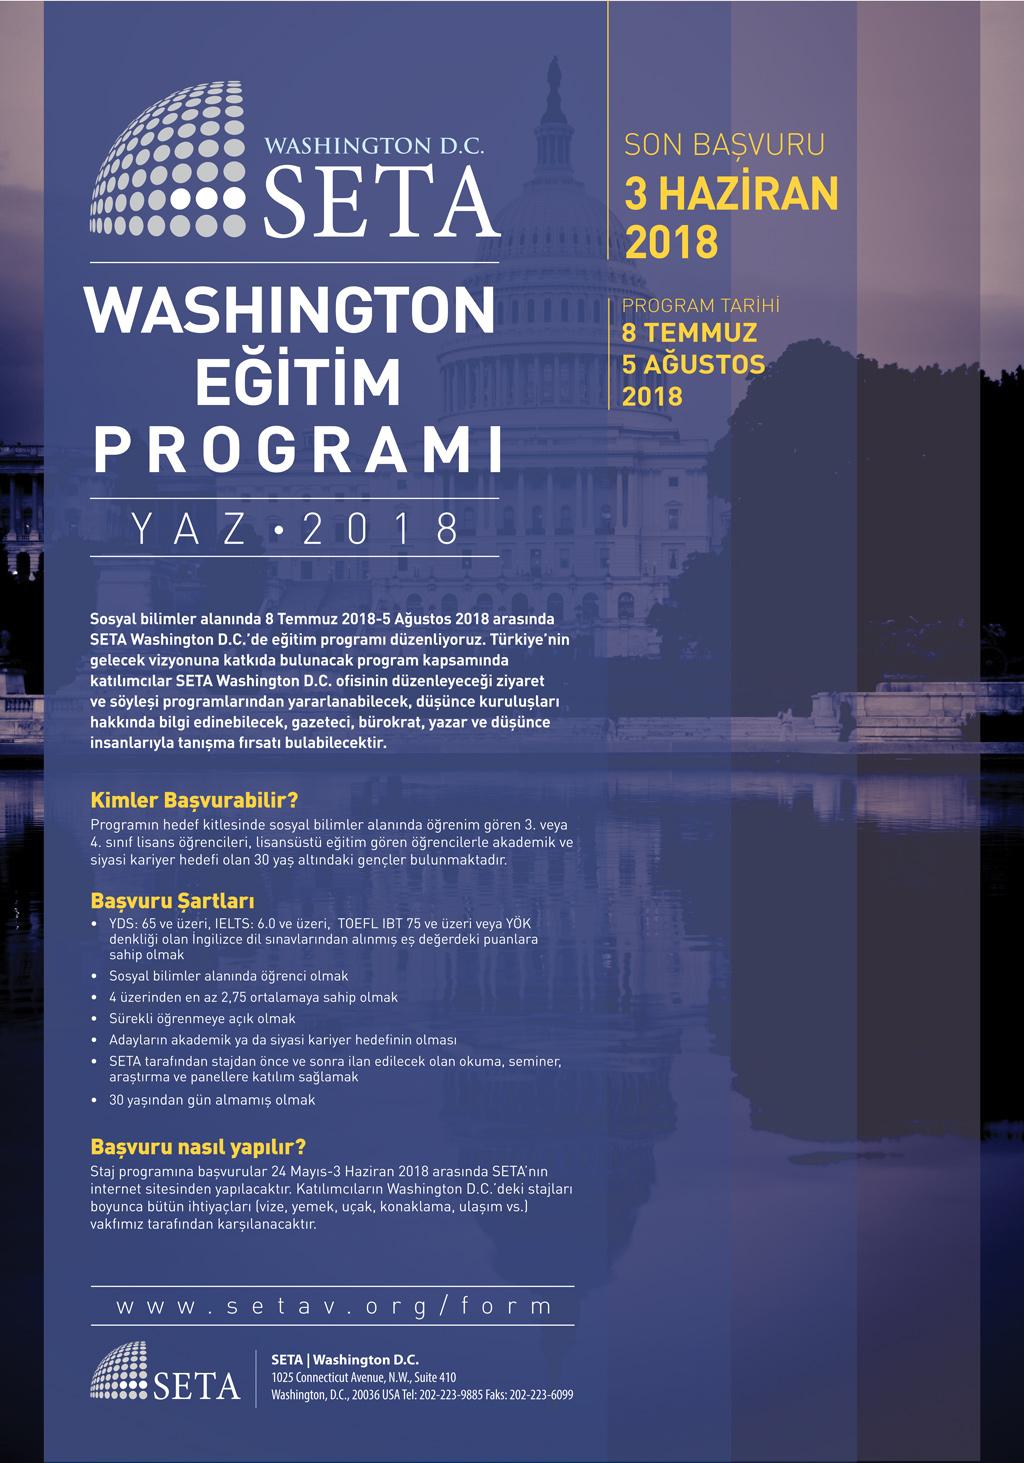 SETA Wasshington D.C. Eğitim Programı | YAZ • 2018